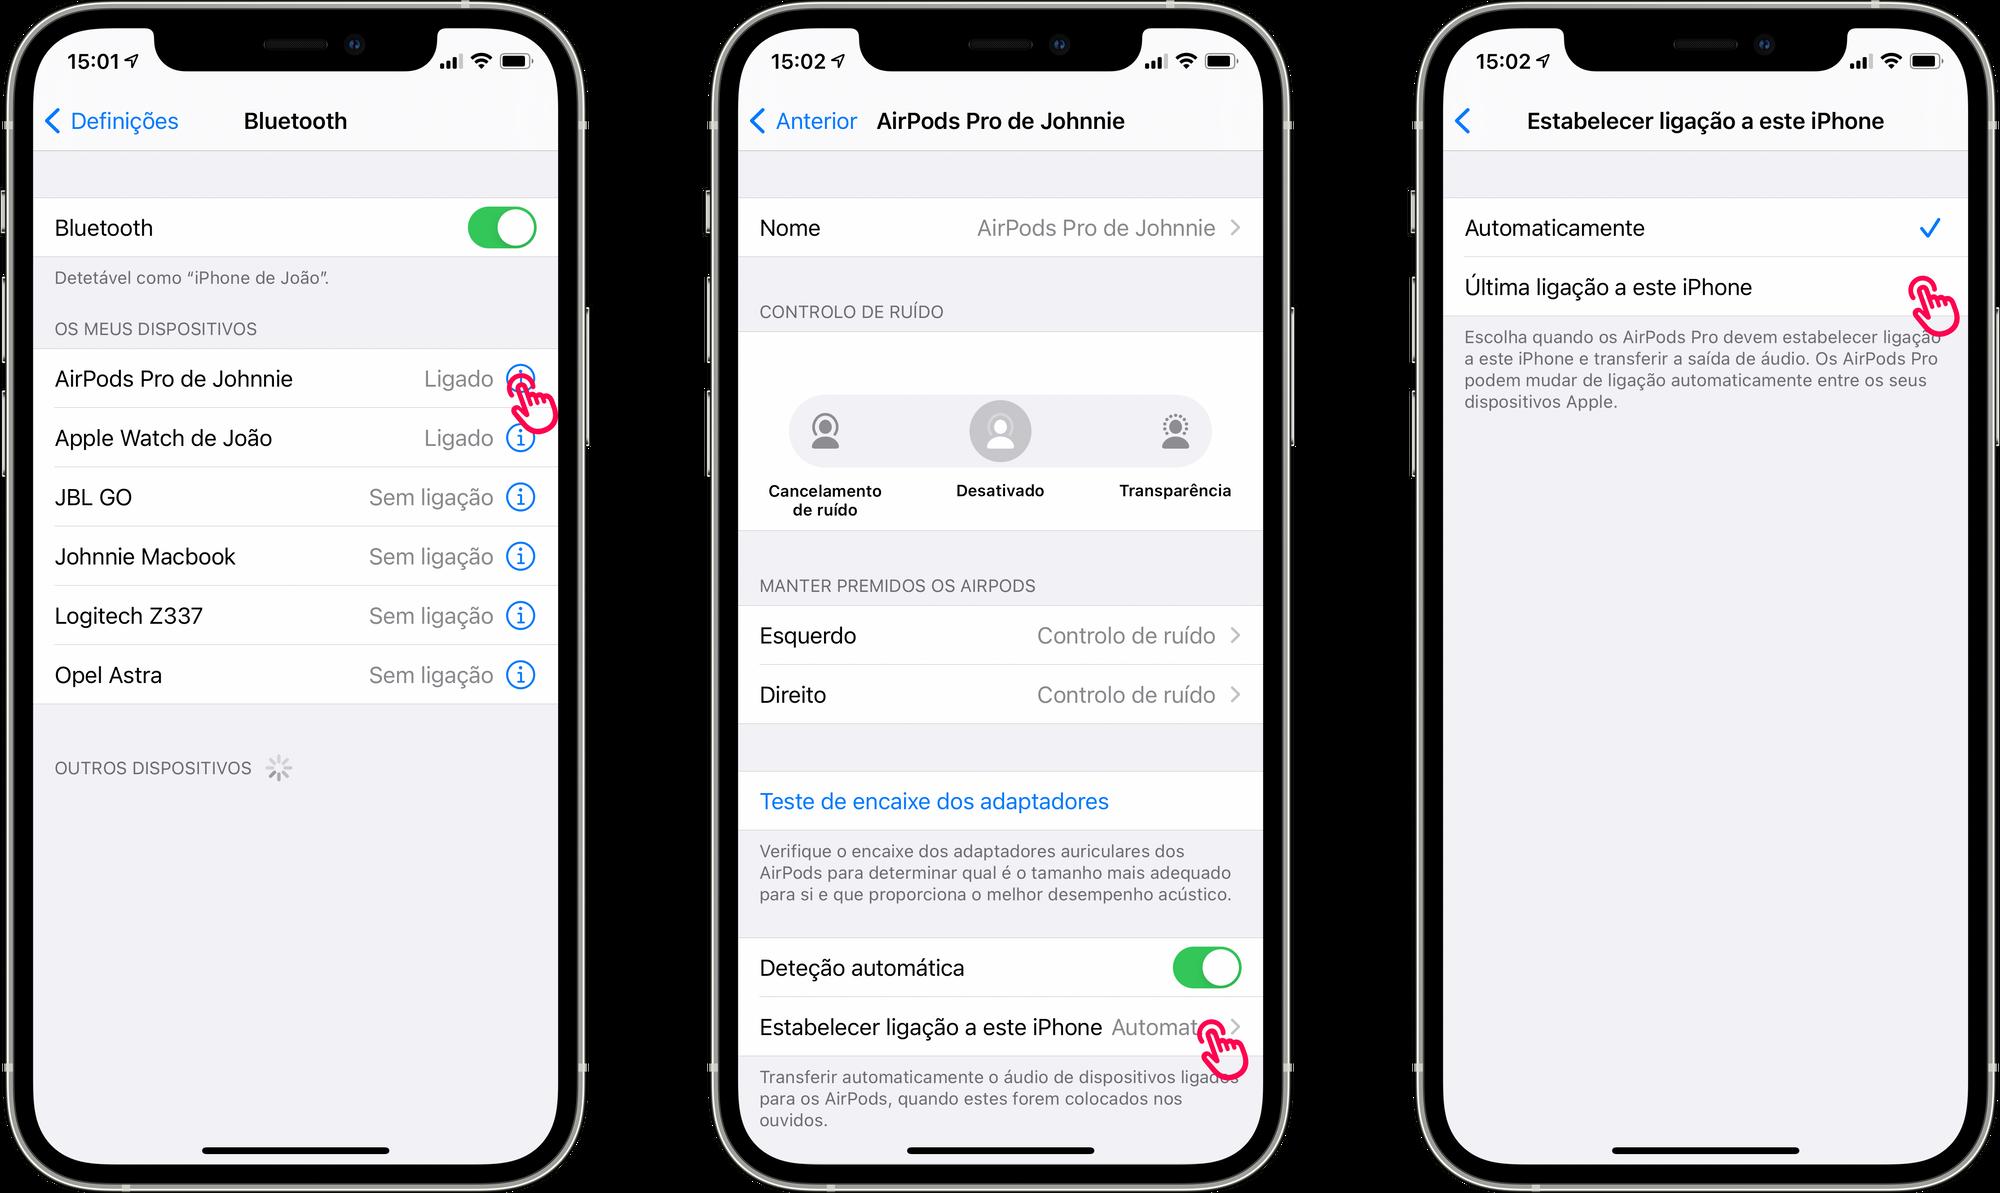 Desativar a trocar automática dos AirPods no iOS/iPadOS 14